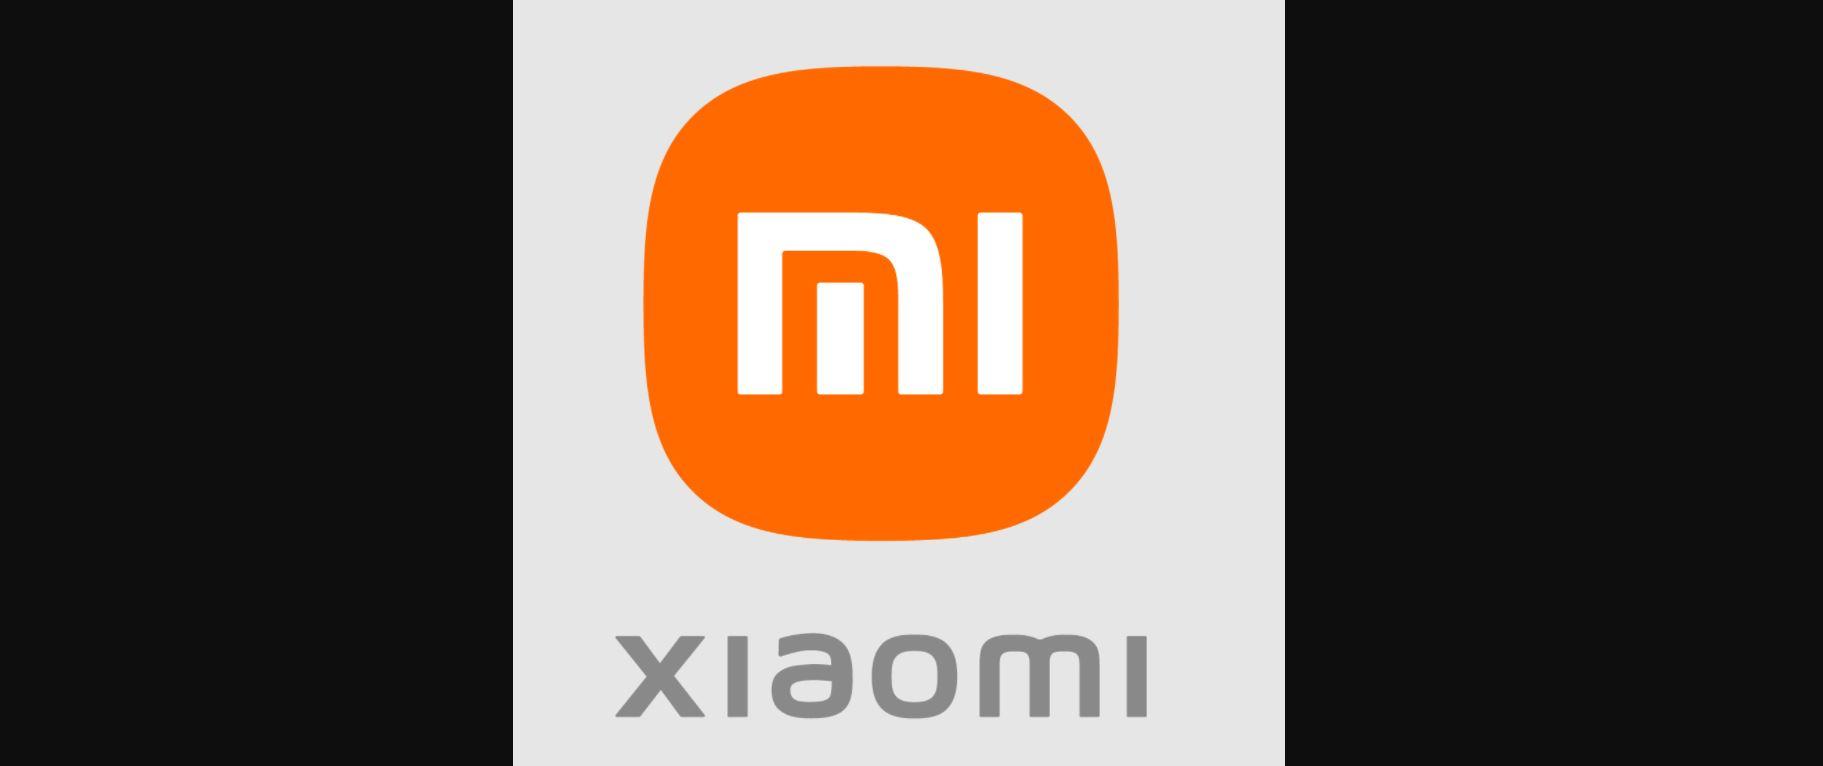 Otvara se prva Xiaomi prodavnica u Crnoj Gori, pod globalno prepoznatljivim nazivom - Mi Store